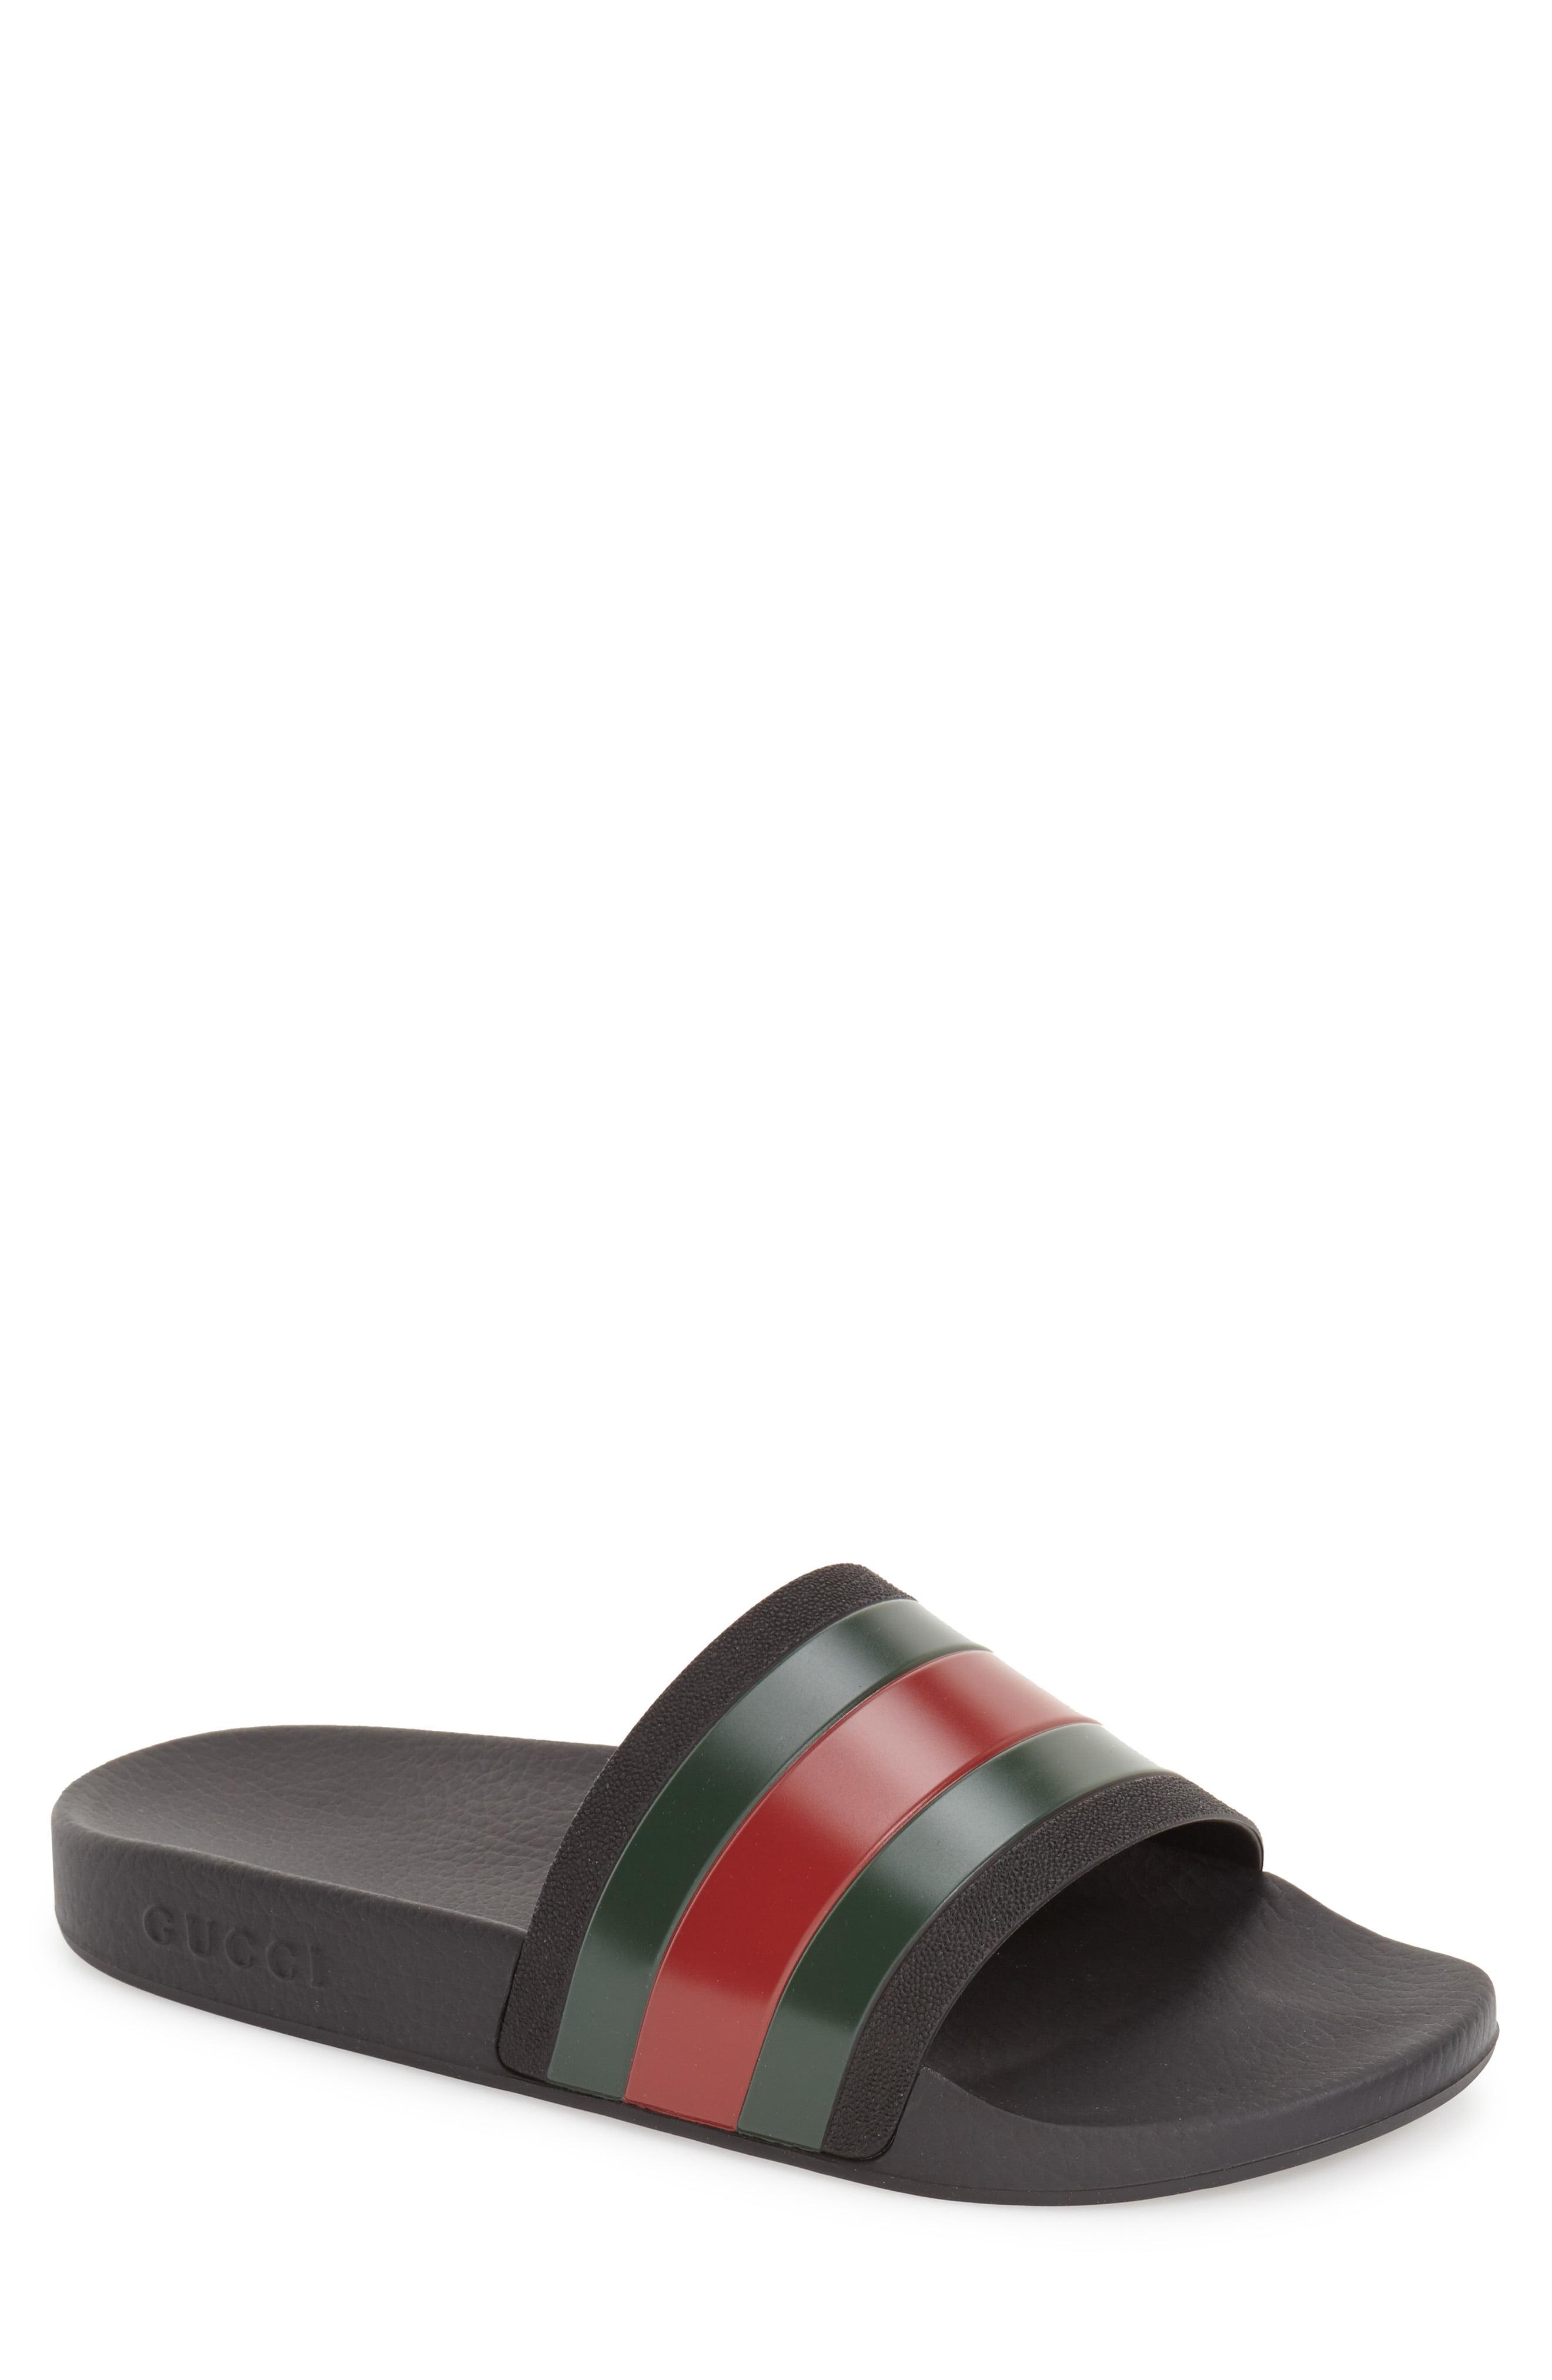 d3f10be2b3a1 Men s Gucci Pursuit Rubber Slide Sandal